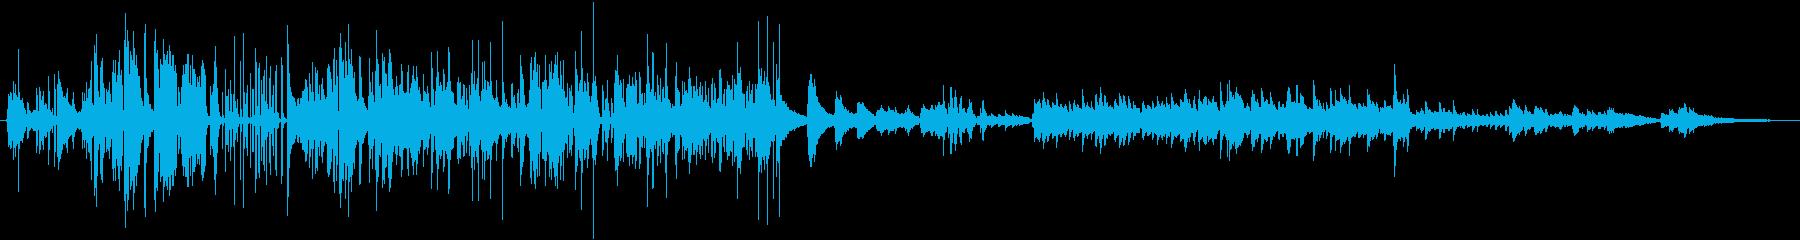 世界 スパニッシュギター Voic...の再生済みの波形